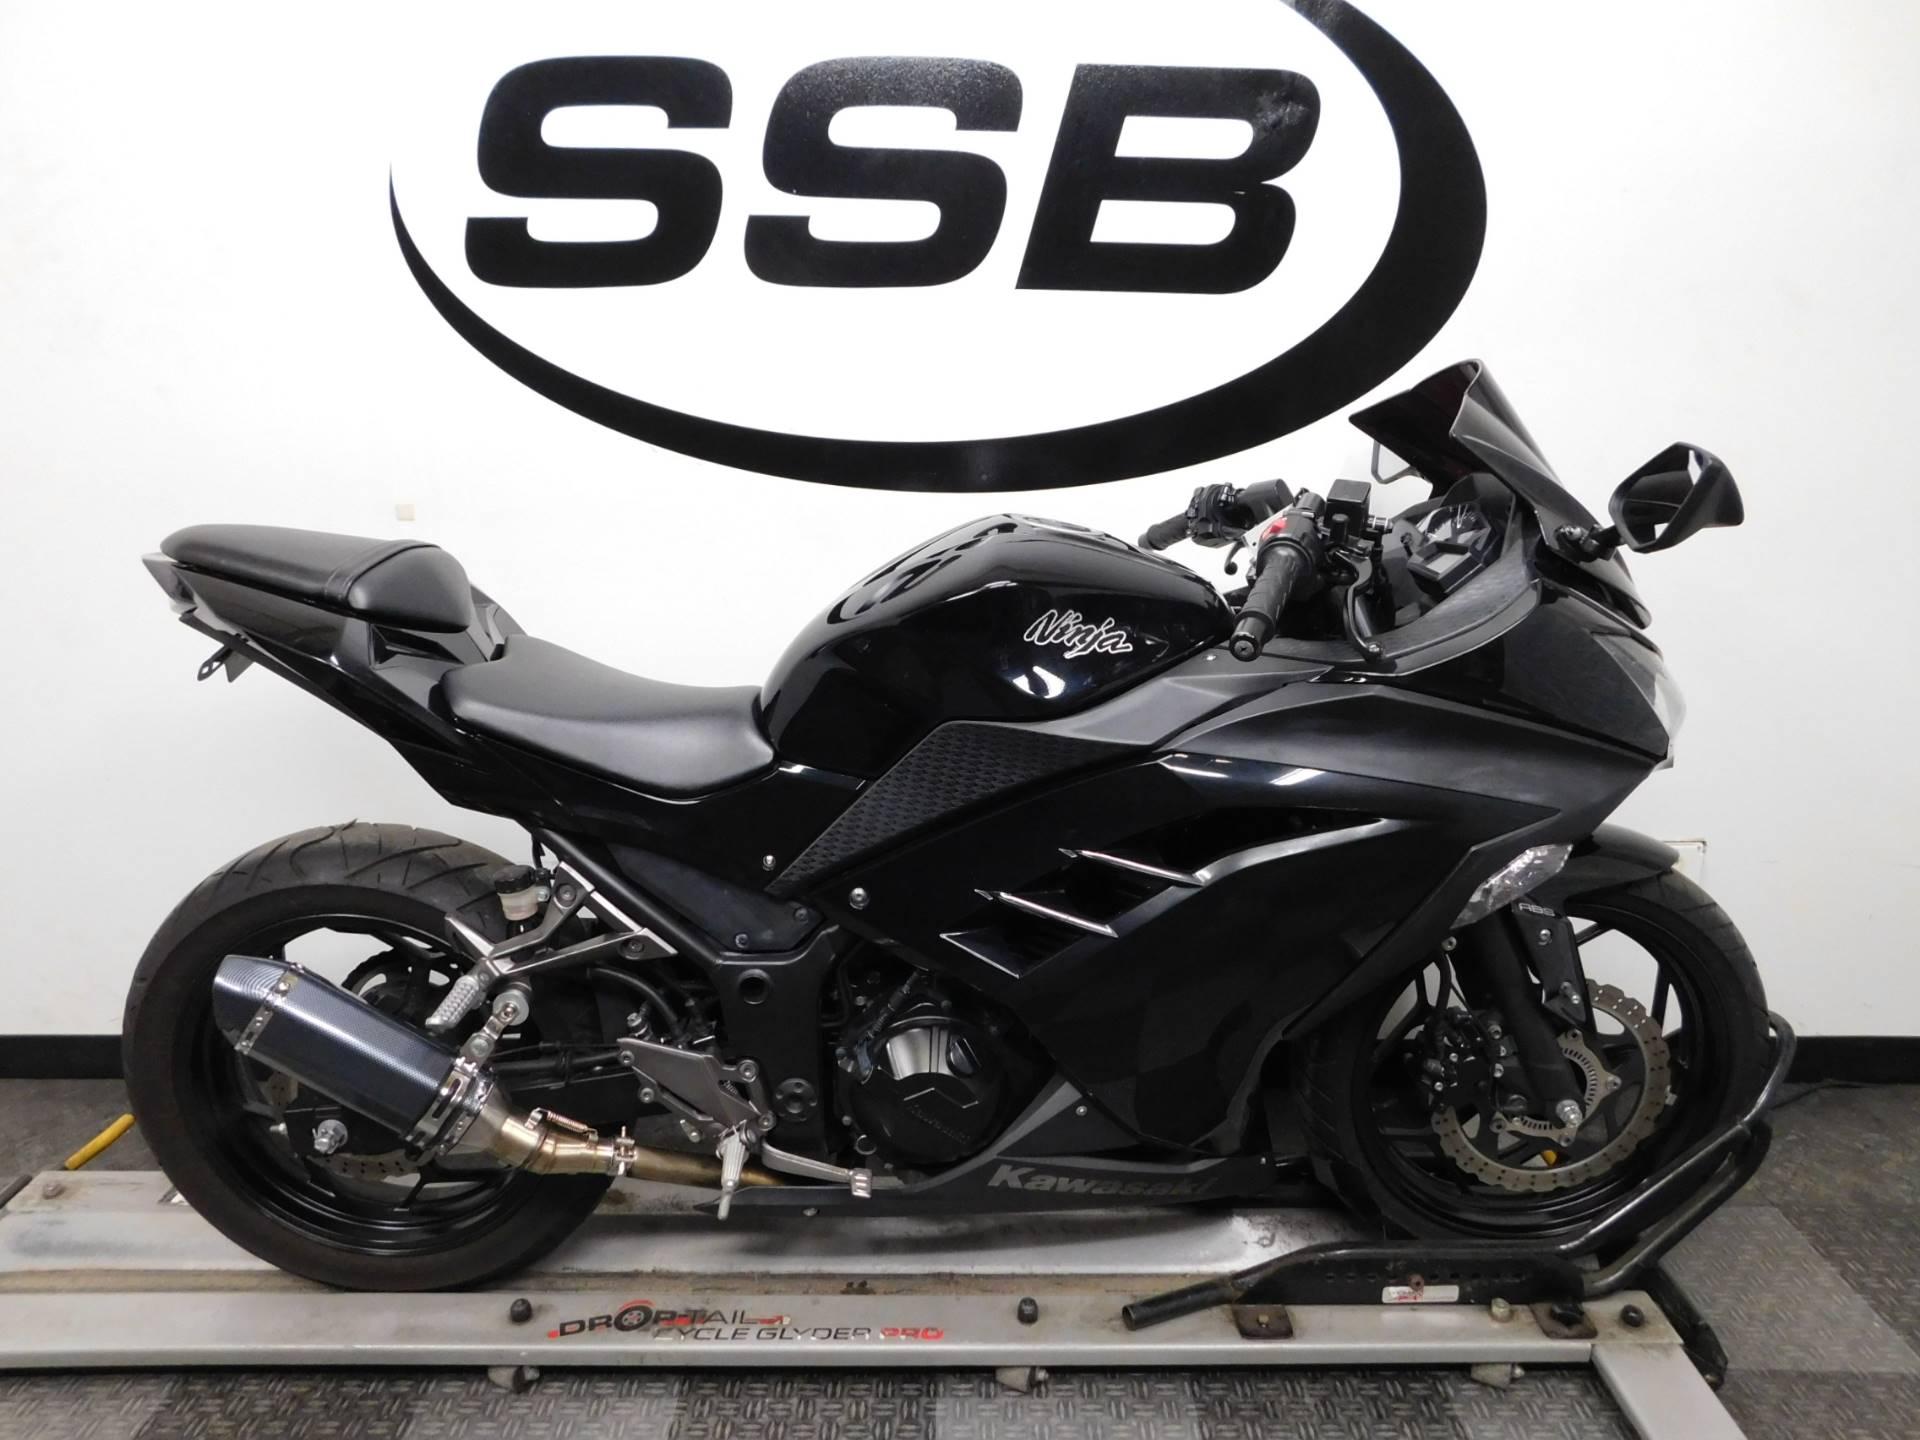 2014 Kawasaki Ninja 300 ABS 1